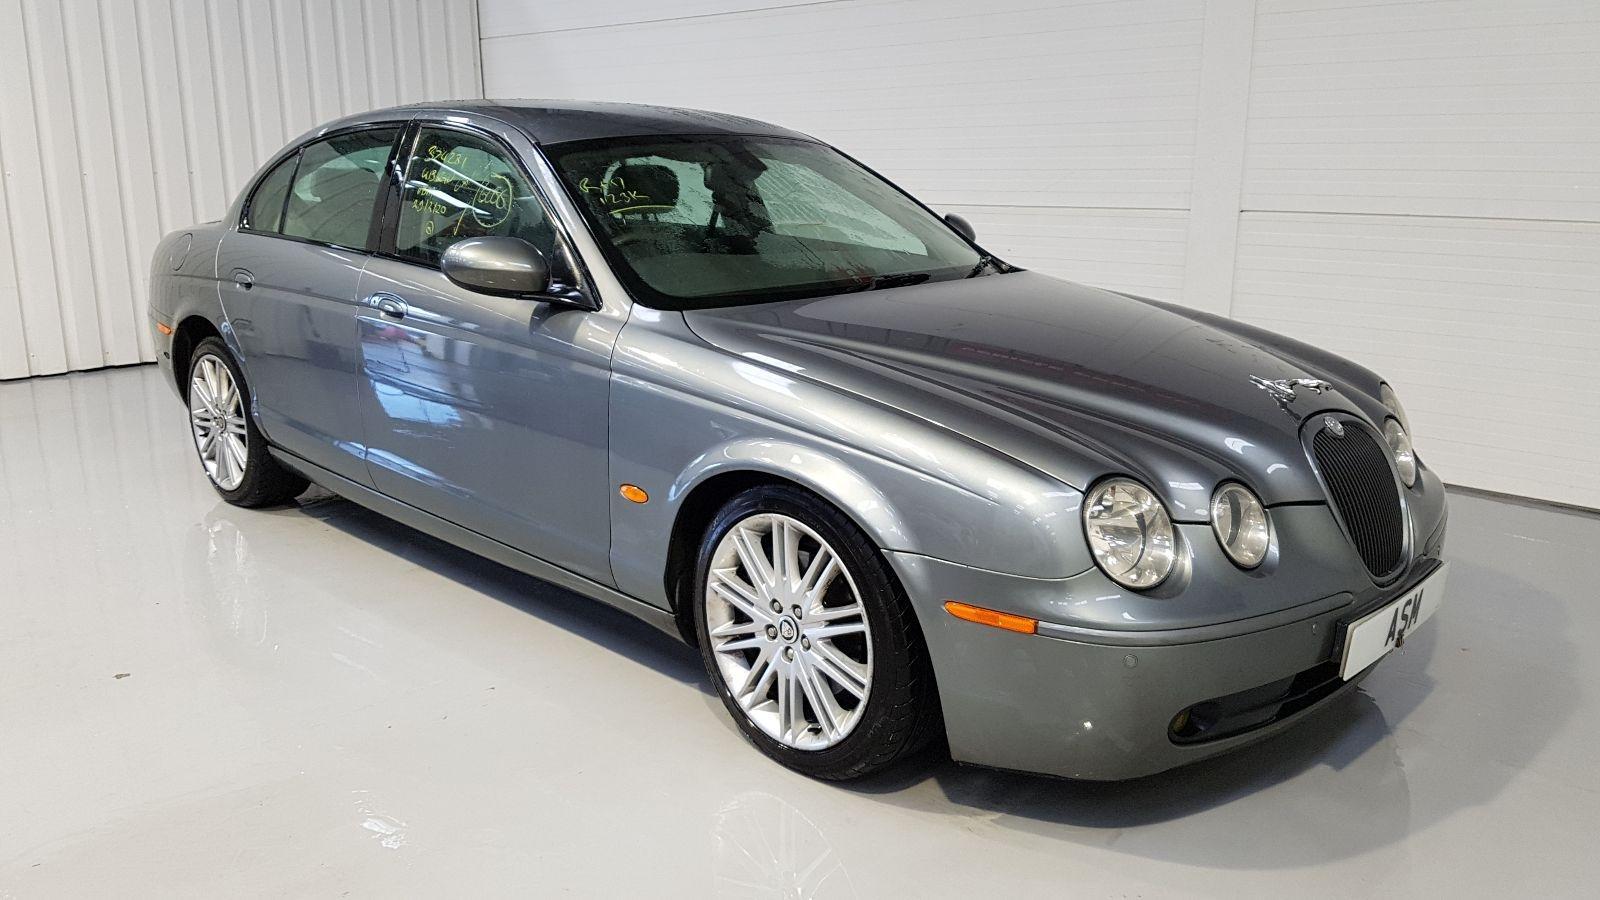 Image for a Jaguar S Type 2005 4 Door Saloon